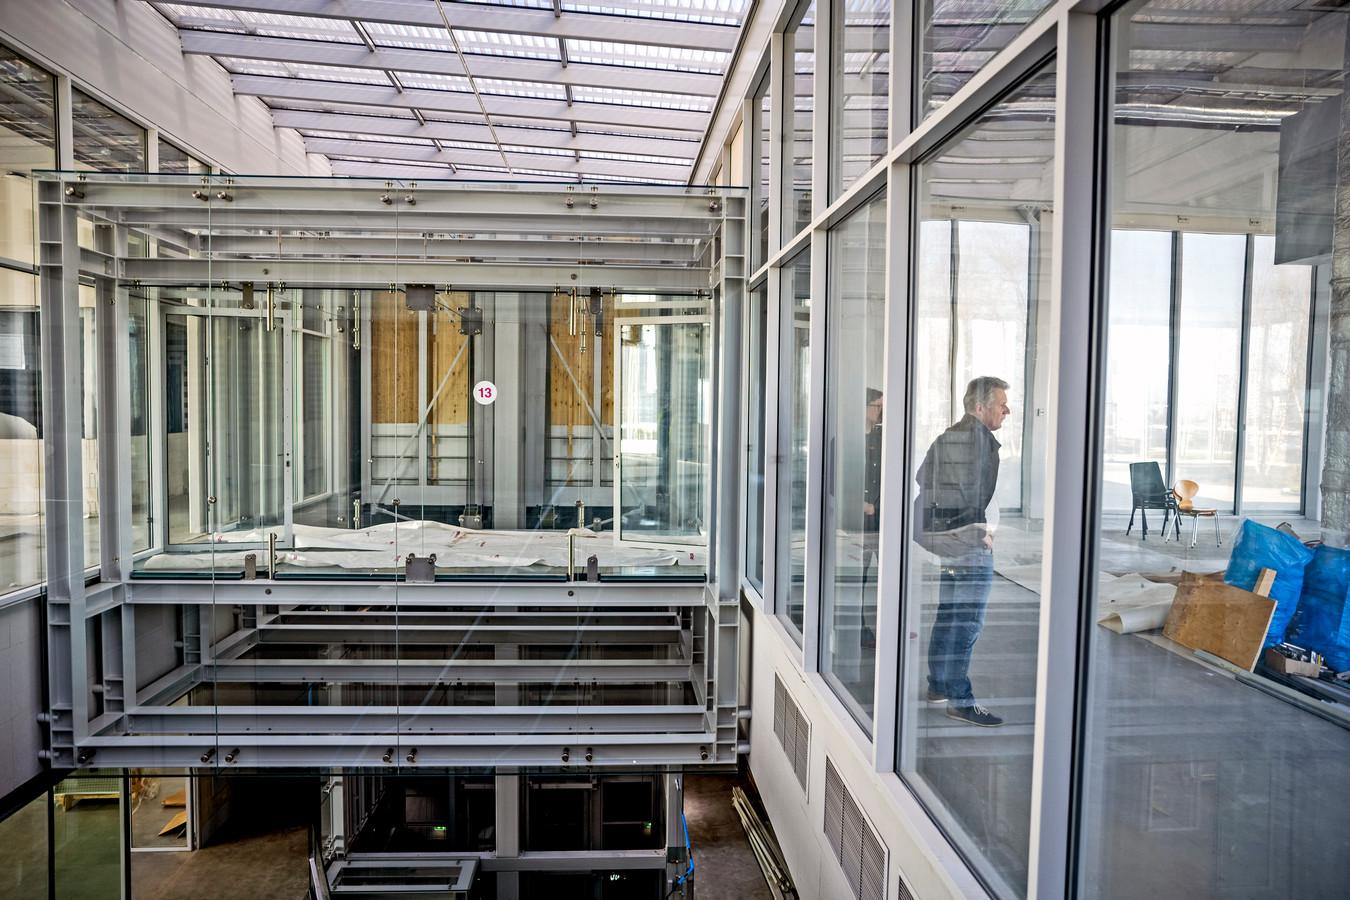 Vitrine 13 op de bovenste etage. Hier lopen bezoekers straks over een glasplaat van de ene naar de andere kant van het Depot. Direct onder hun voetzolen zijn kunstvoorwerpen te zien.